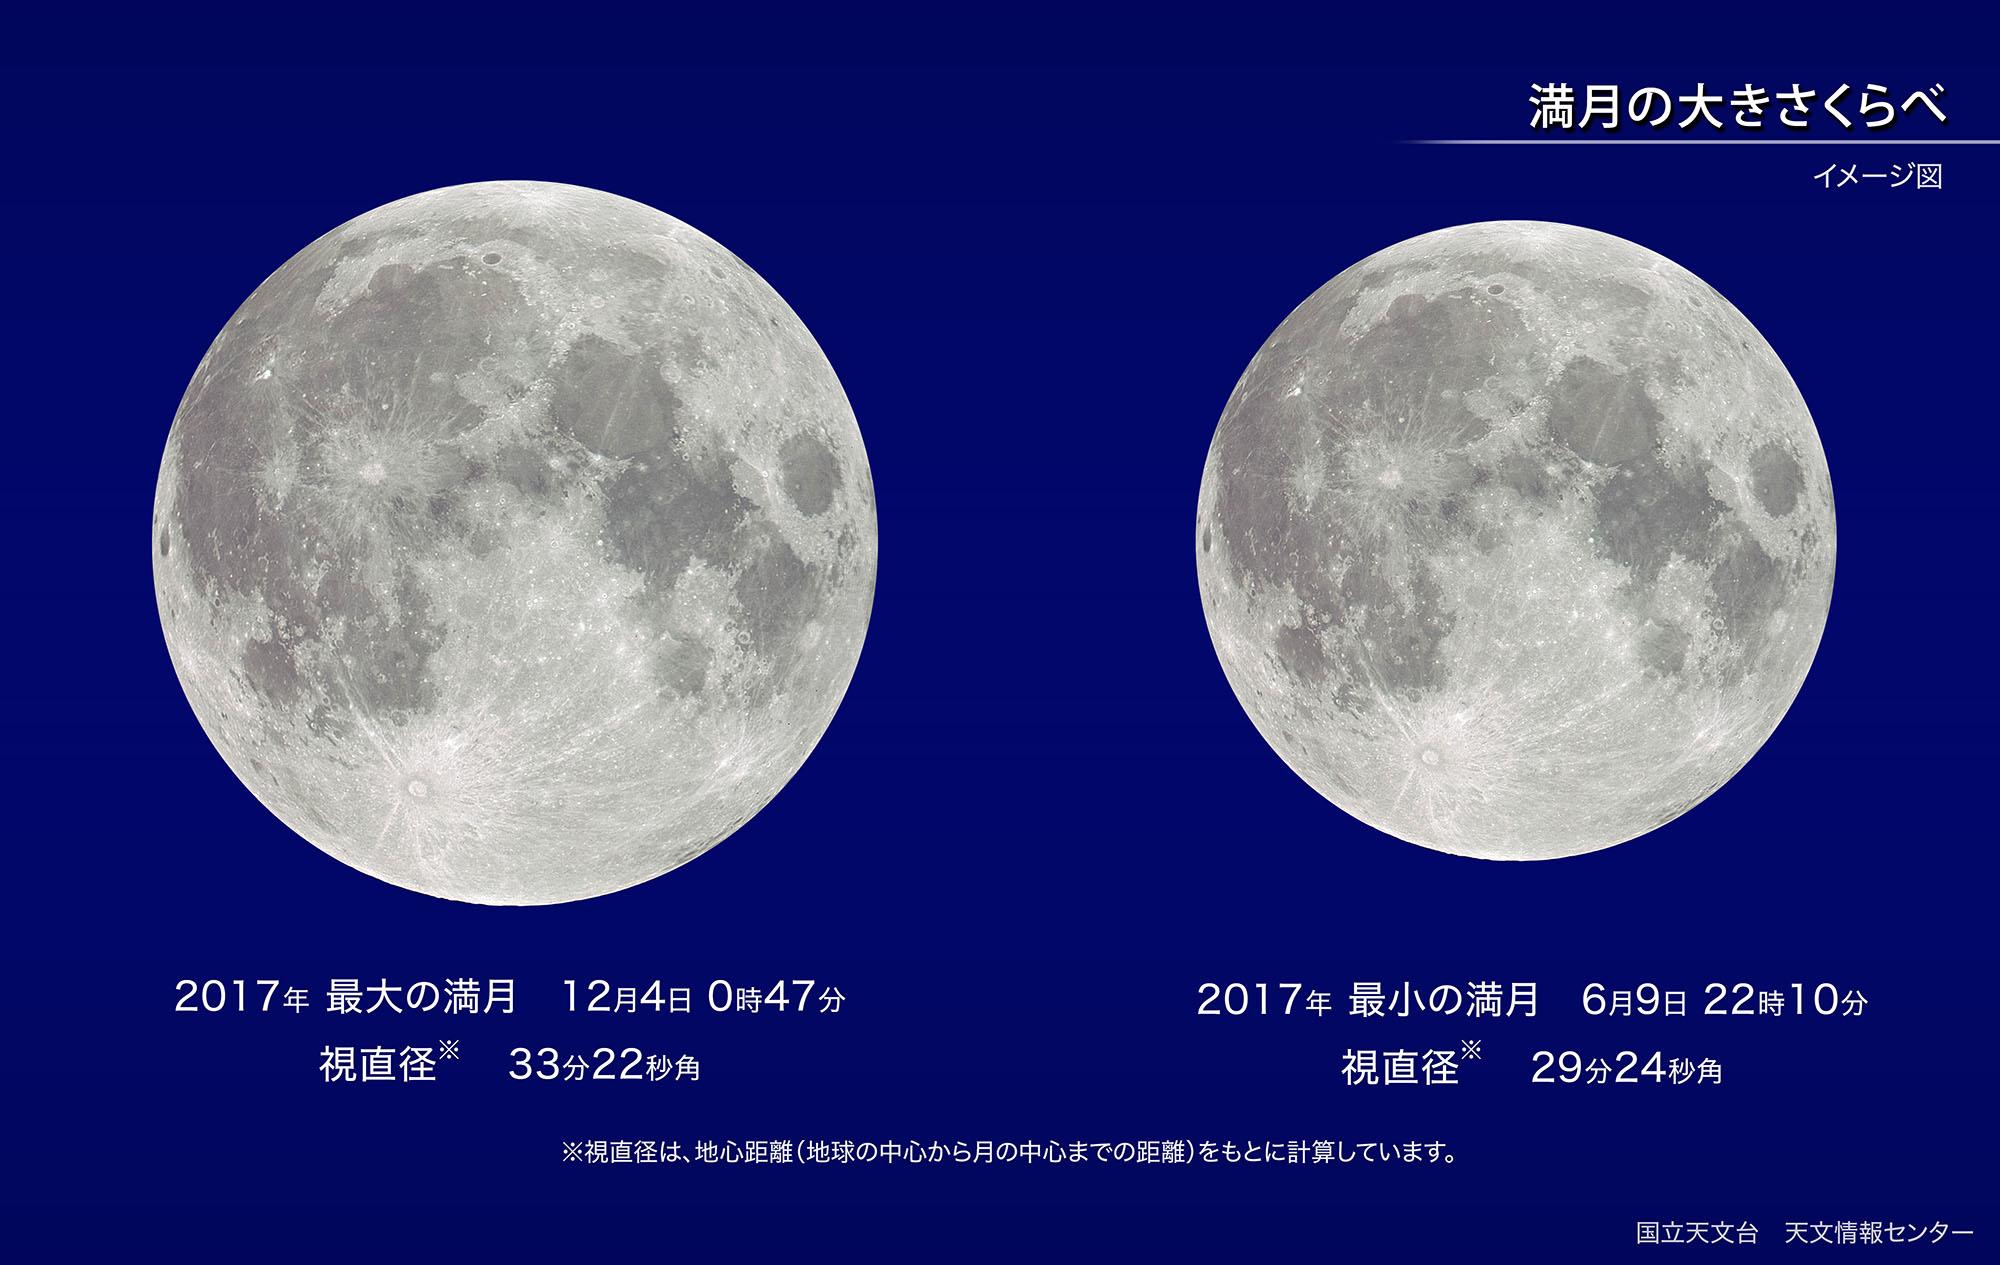 https://www.nao.ac.jp/contents/astro/sky/2017/12/topics01-1-m.jpg